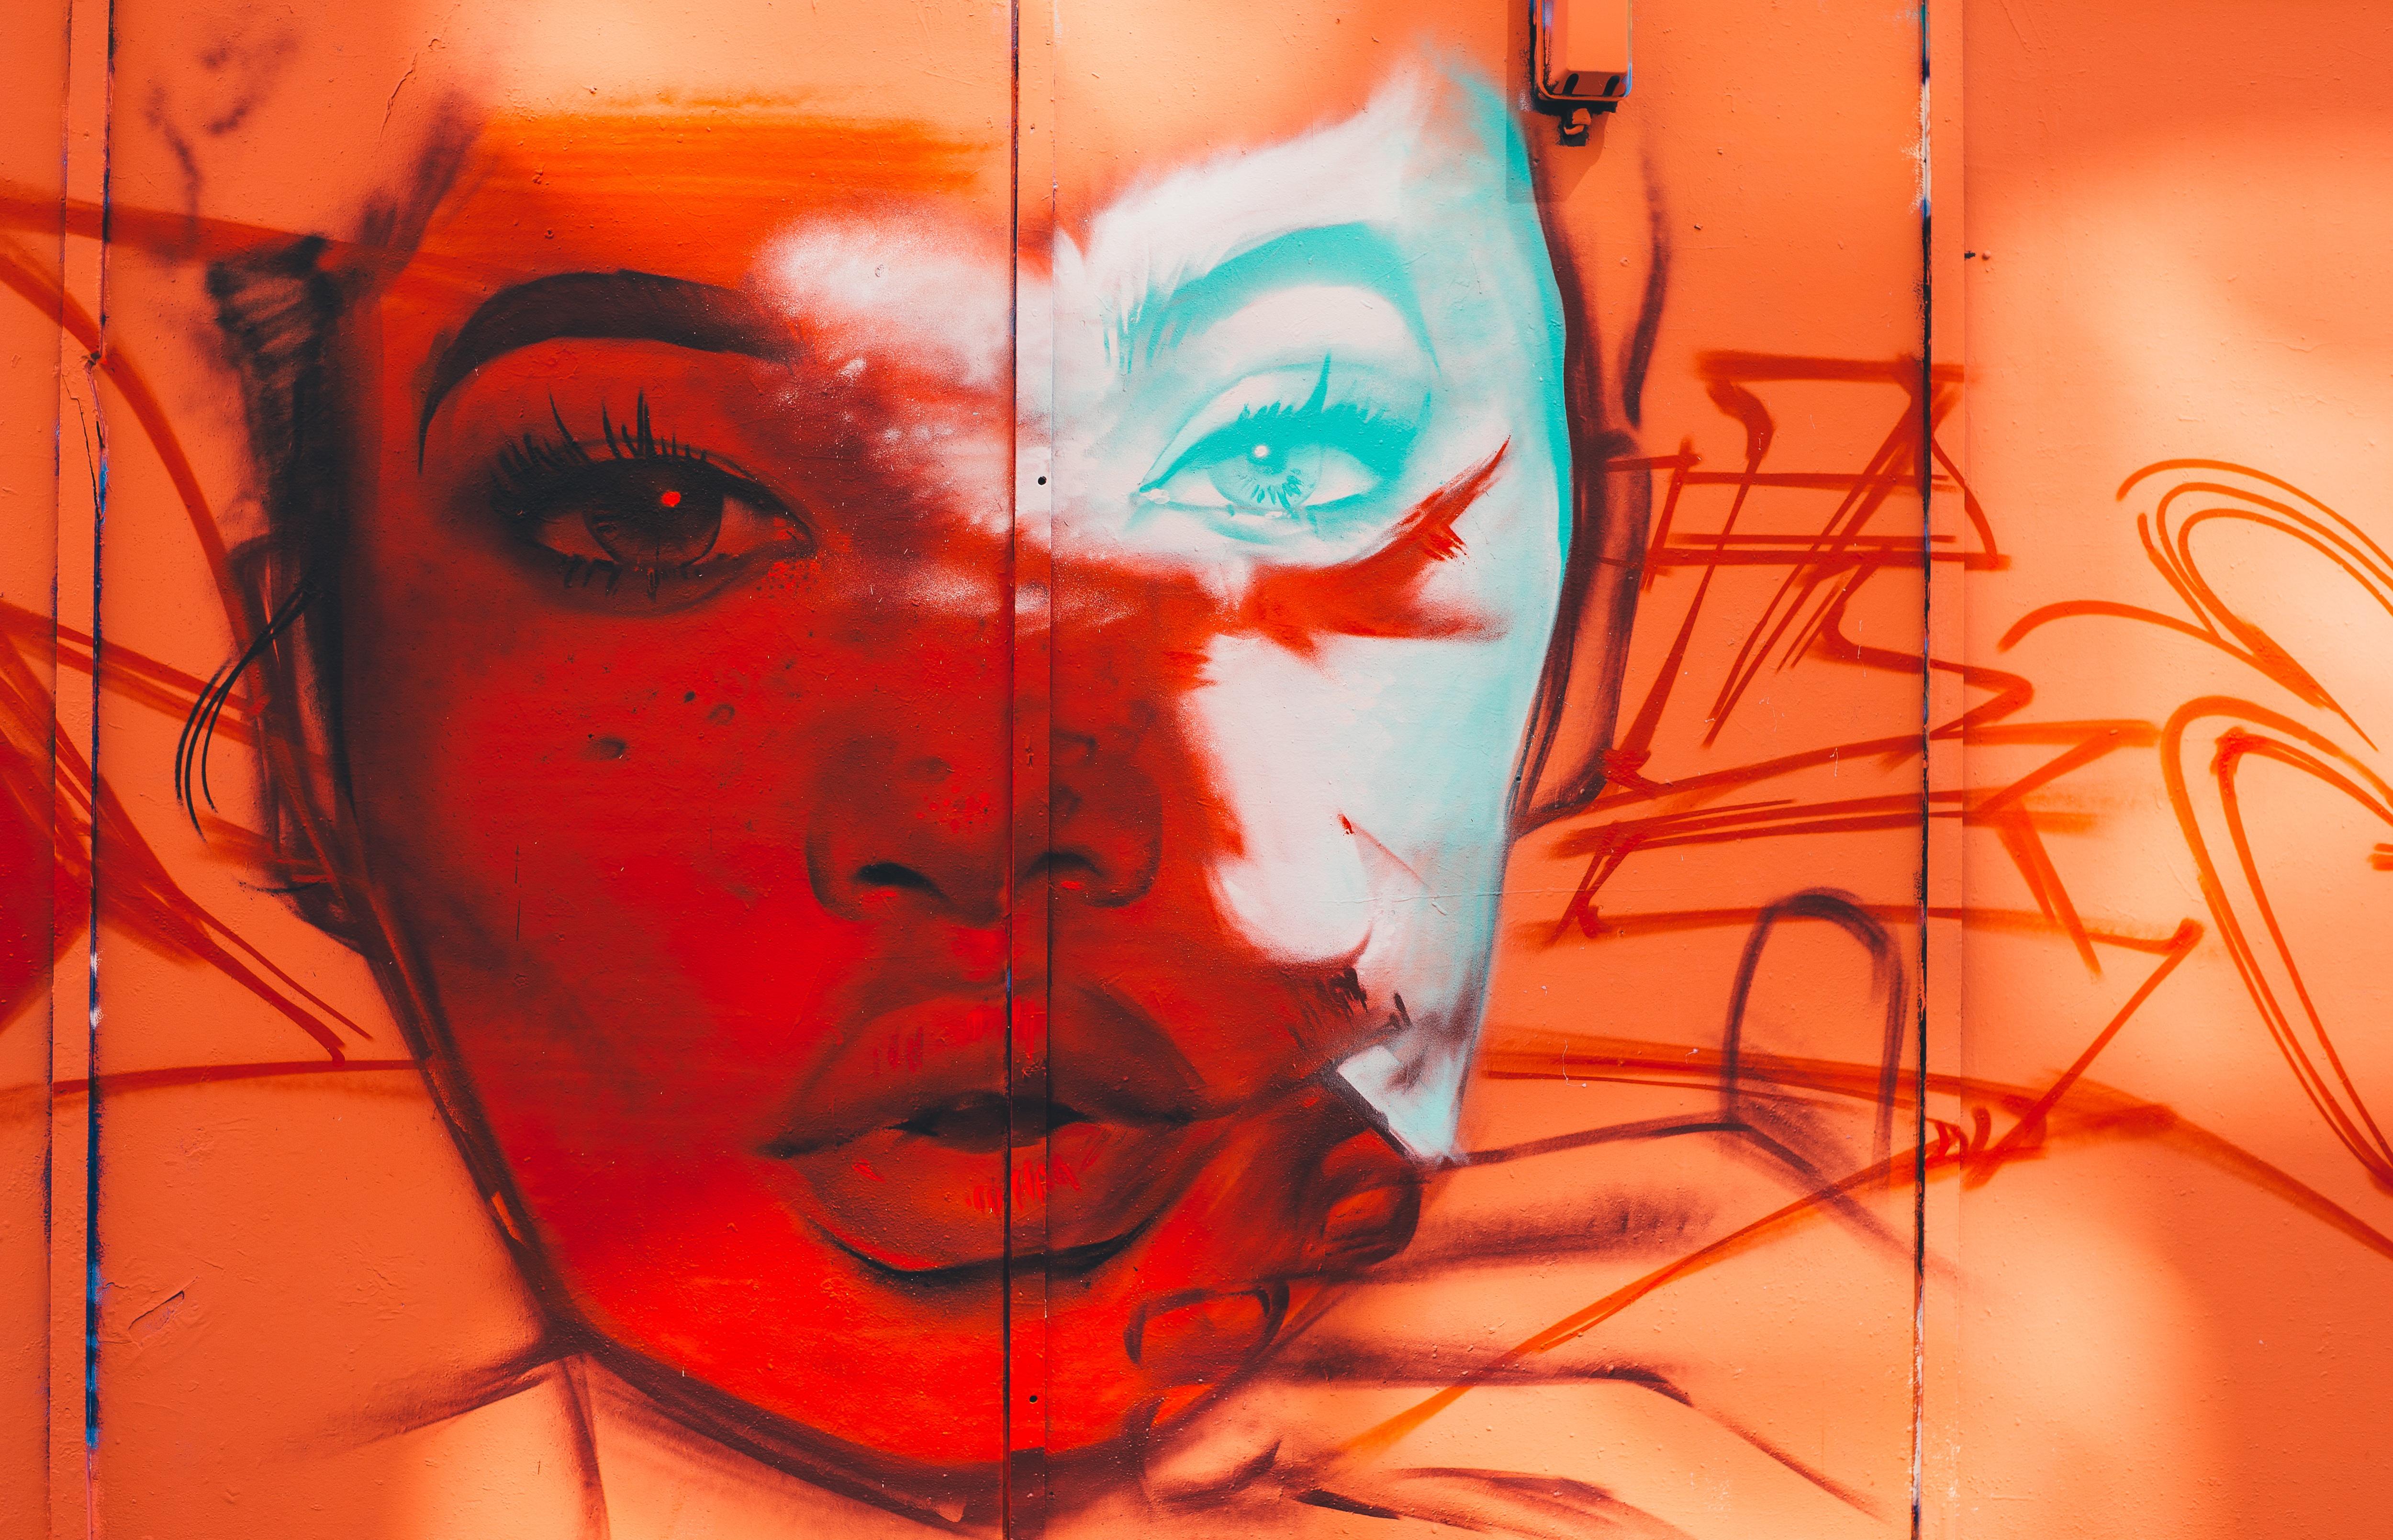 Images Gratuites : rouge, Couleur, La peinture, corps humain, visage, illustration, tête, organe ...